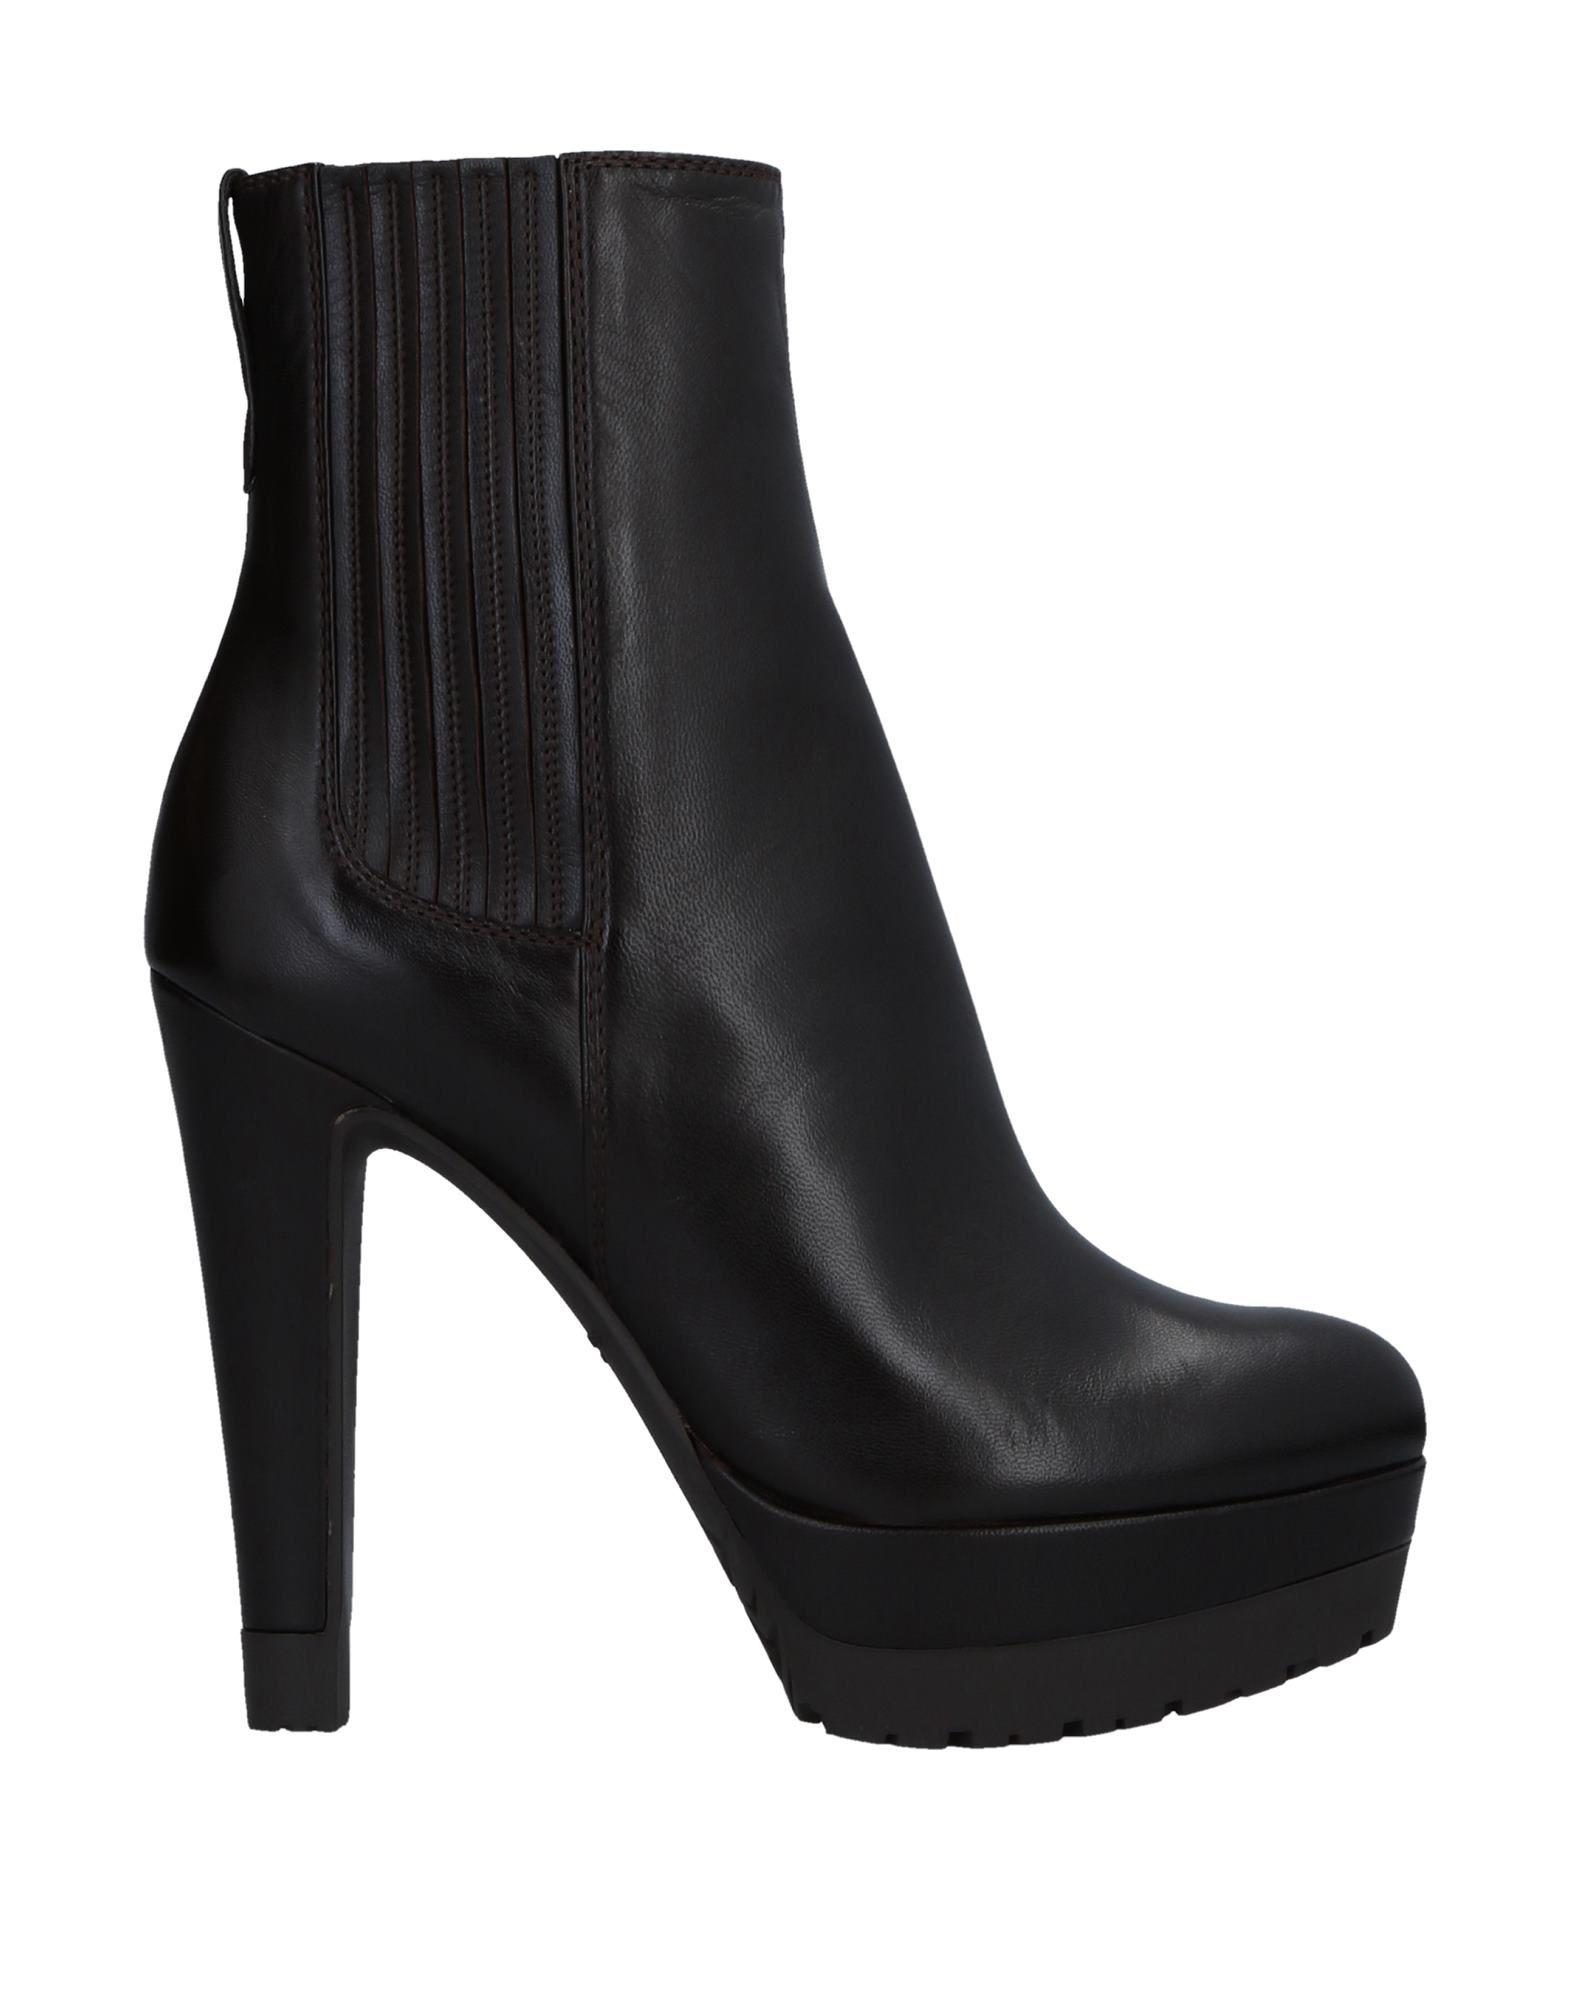 Sergio Rossi Stiefelette Damen aussehende  11522723TOGünstige gut aussehende Damen Schuhe 985828